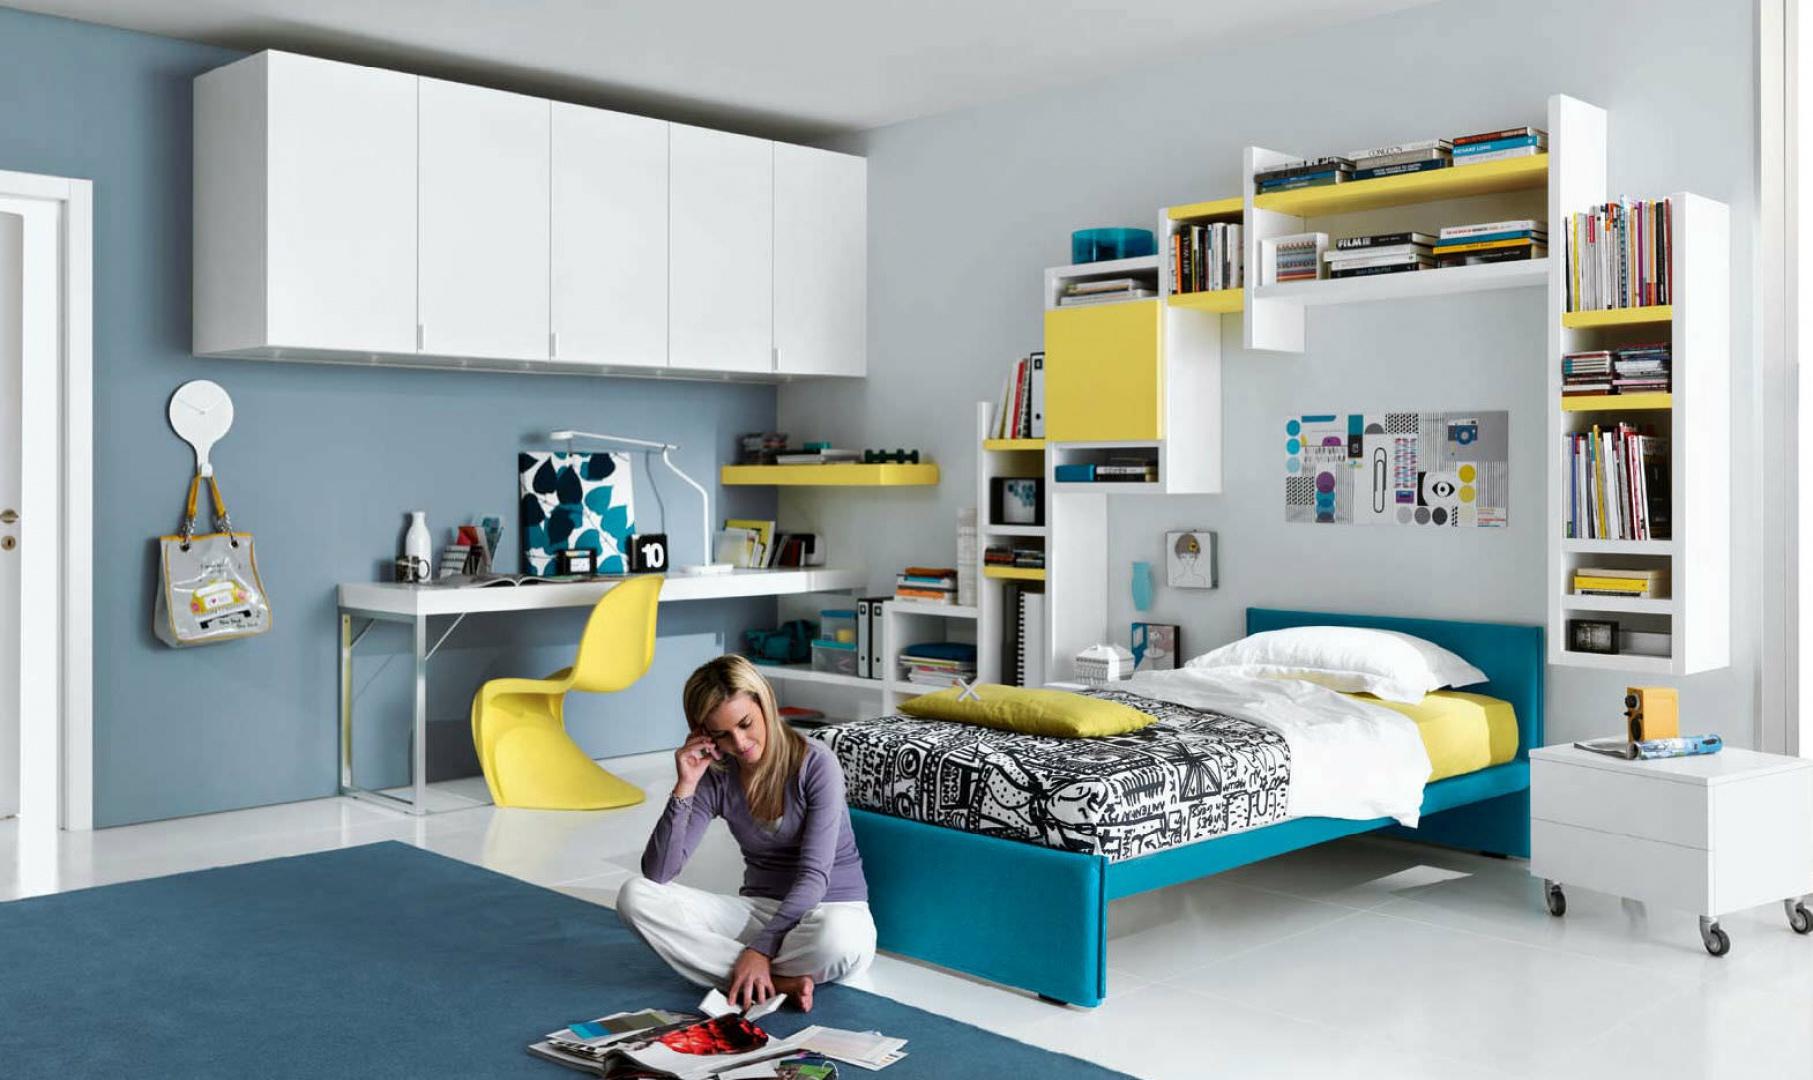 Idealnie urządzony pokój nastolatki to wnętrze odpowiednie do nauki, ale też relaksu i spotkań z koleżankami. Fot. GAB.